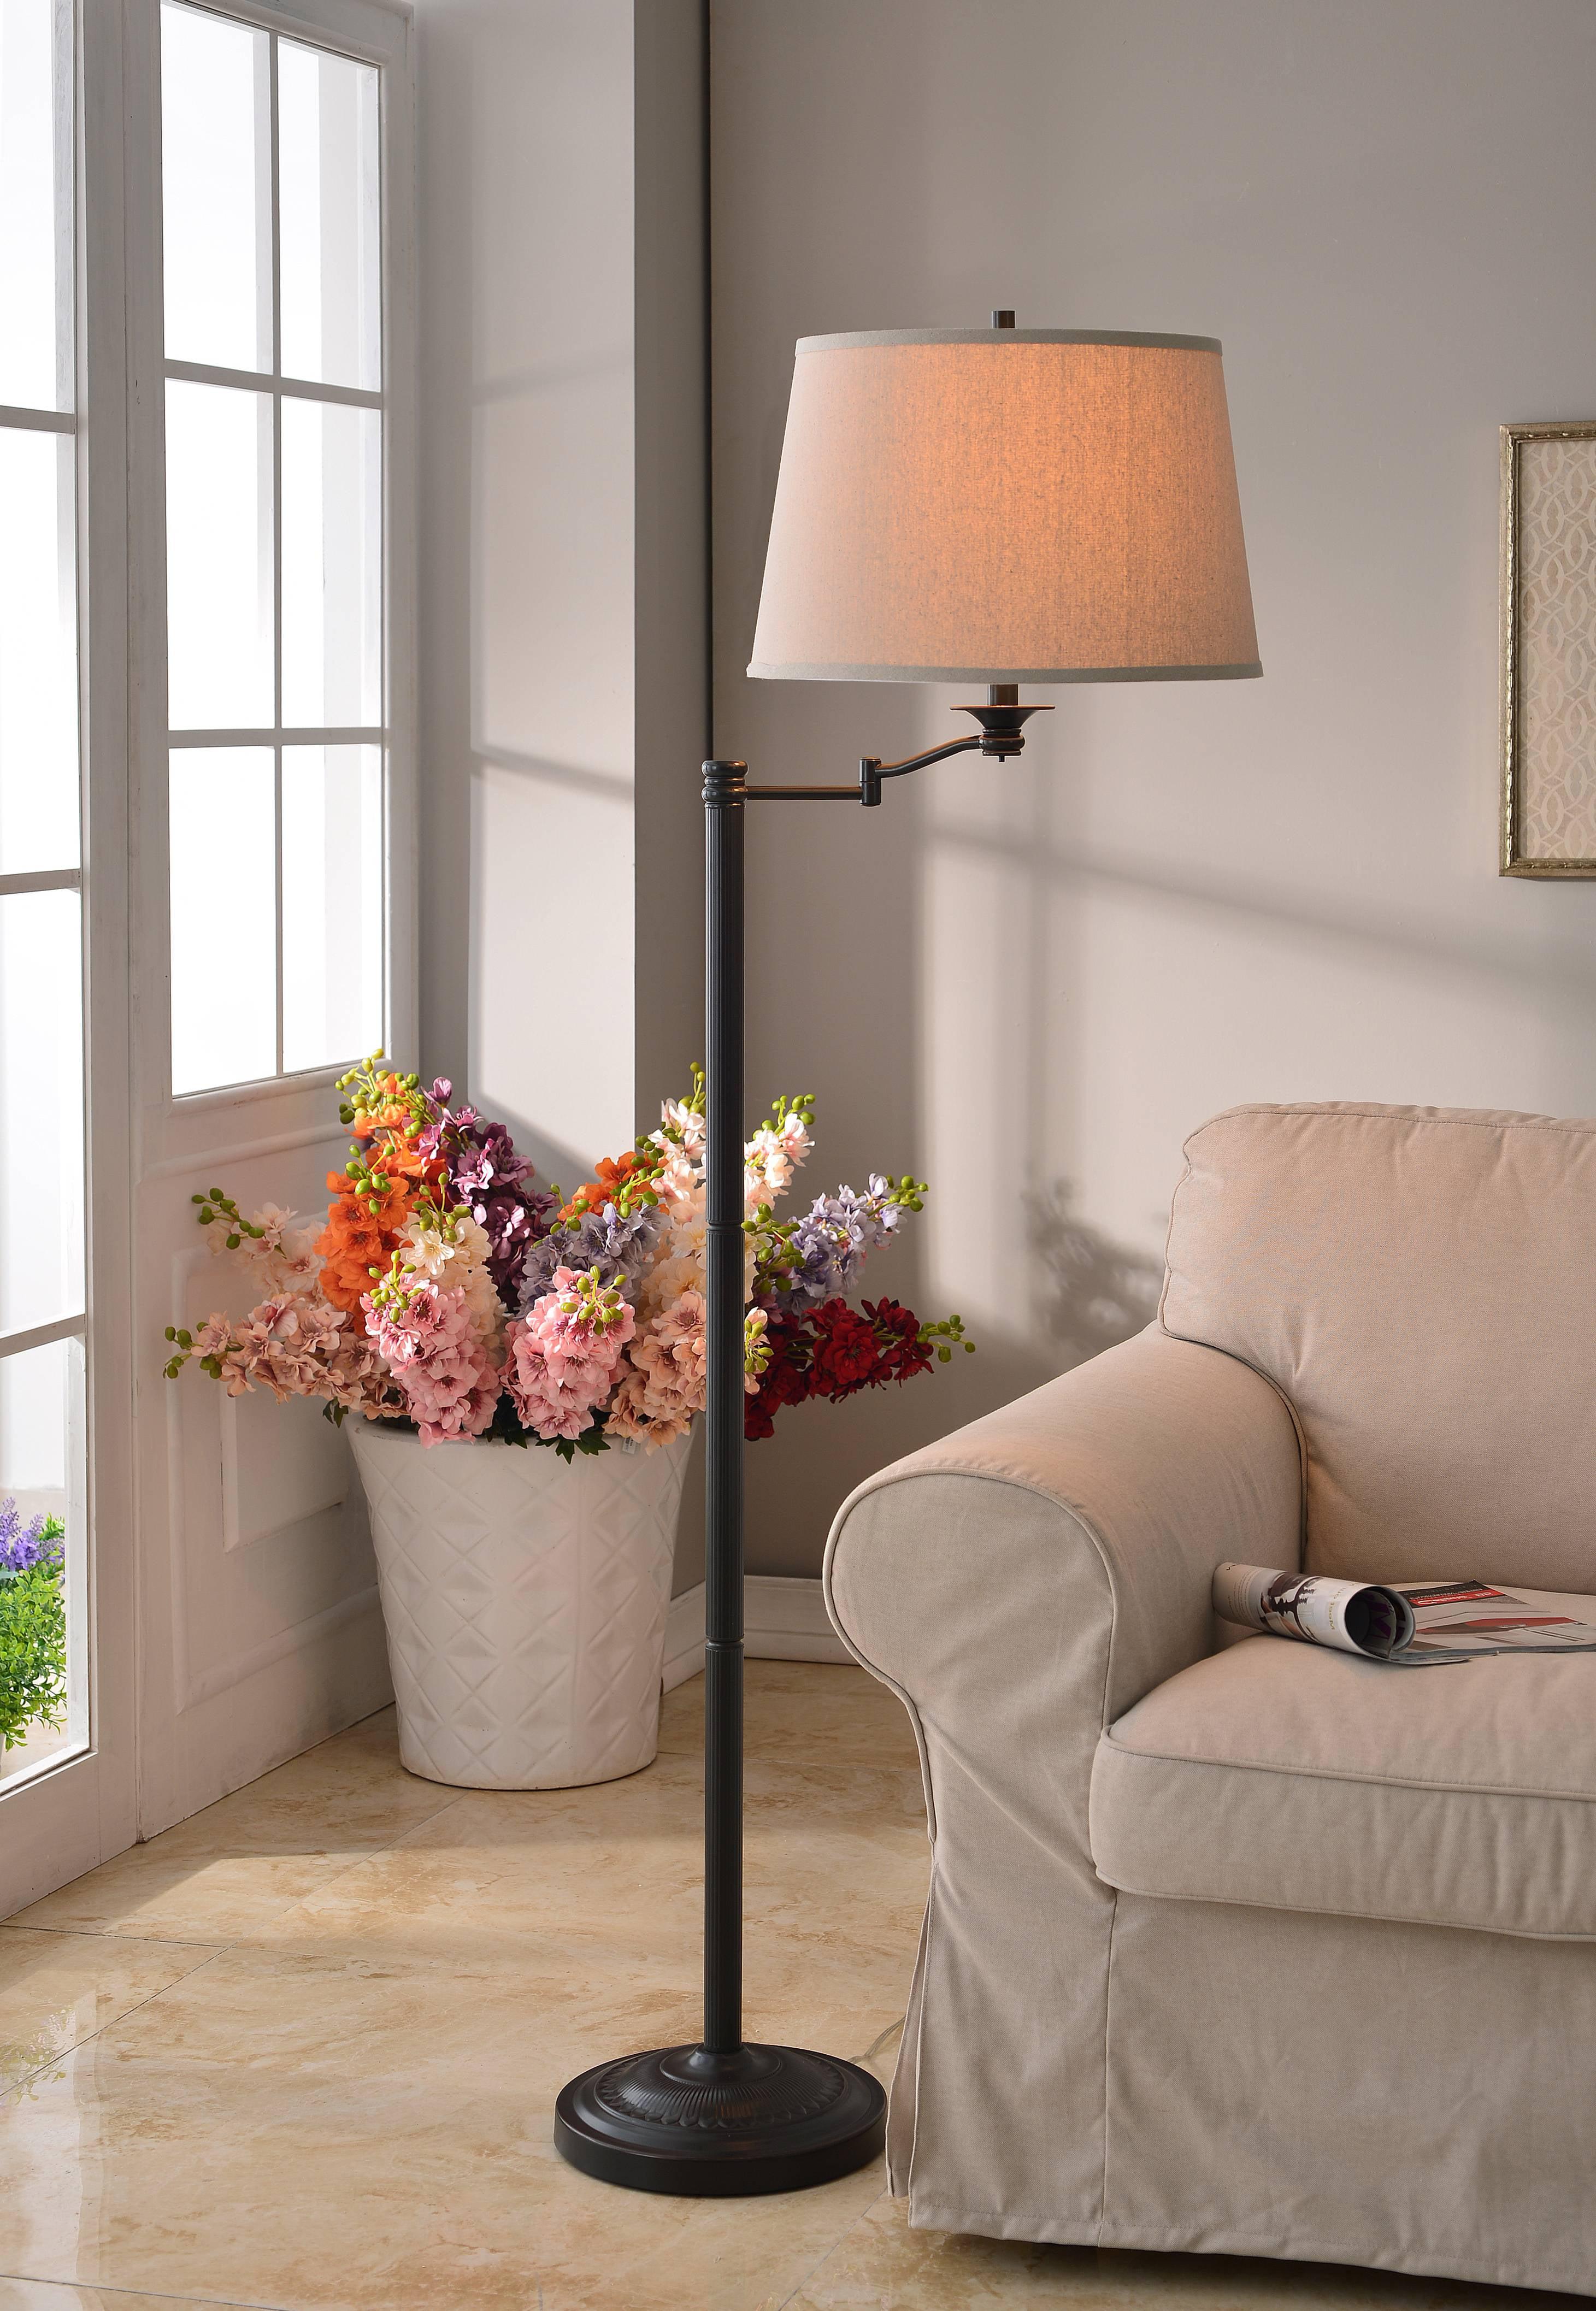 Kenroy Home Riverside Swing Arm Floor Lamp, Copper Bronze by Kenroy Home